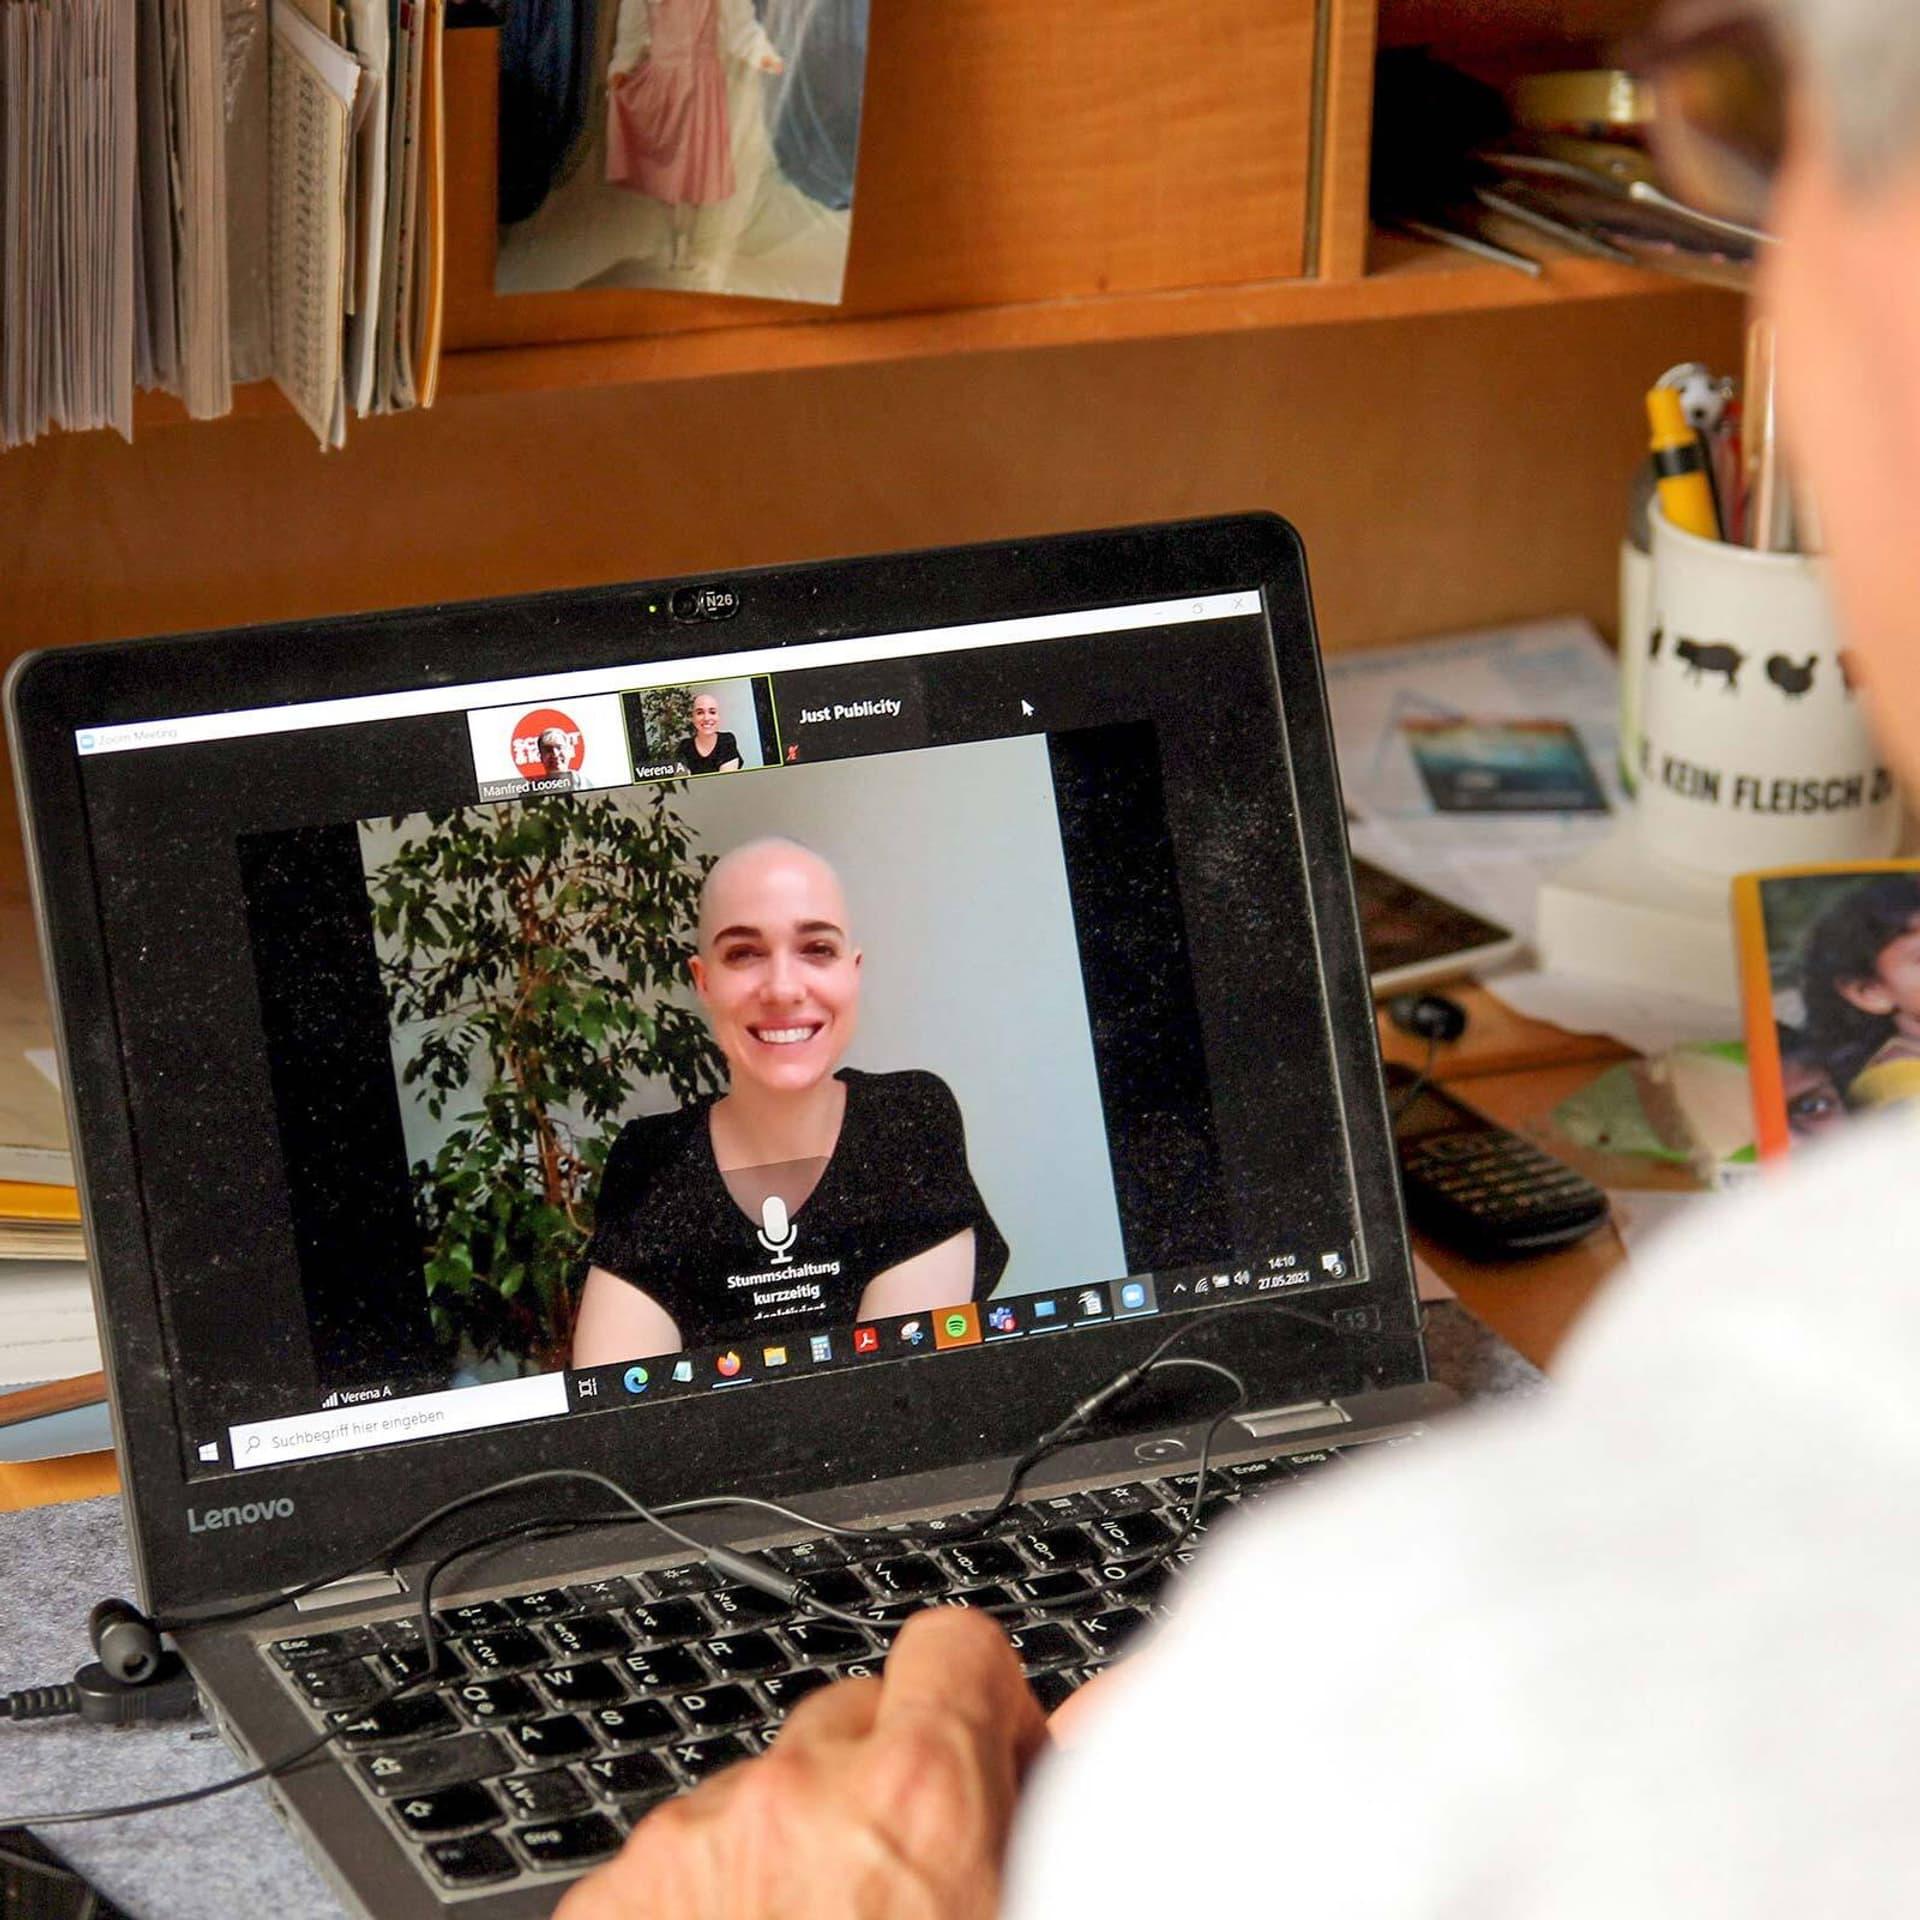 Schauspielerin Verena Altenberger lächenld auf einem Computer-Bildschirm während des Online-Interviews.